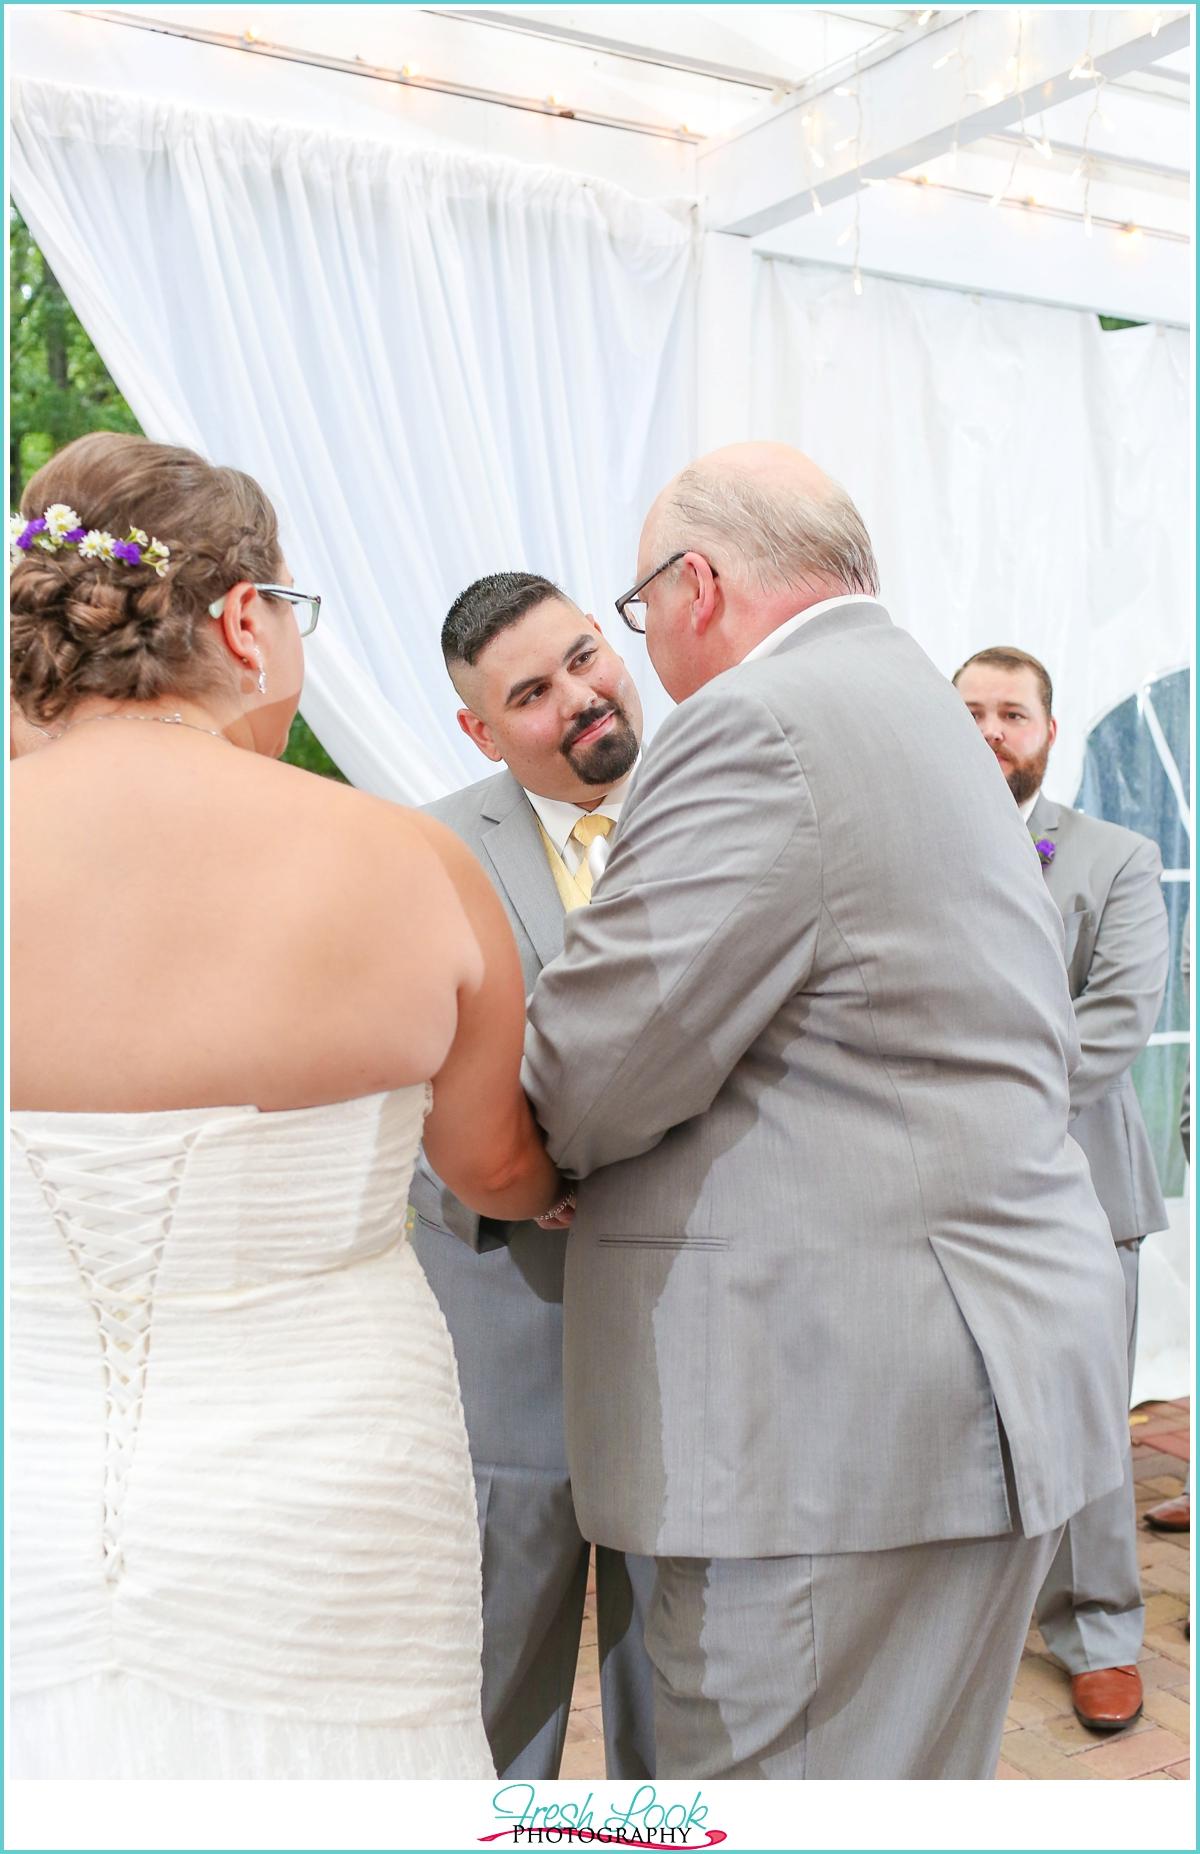 handing the bride to her groom